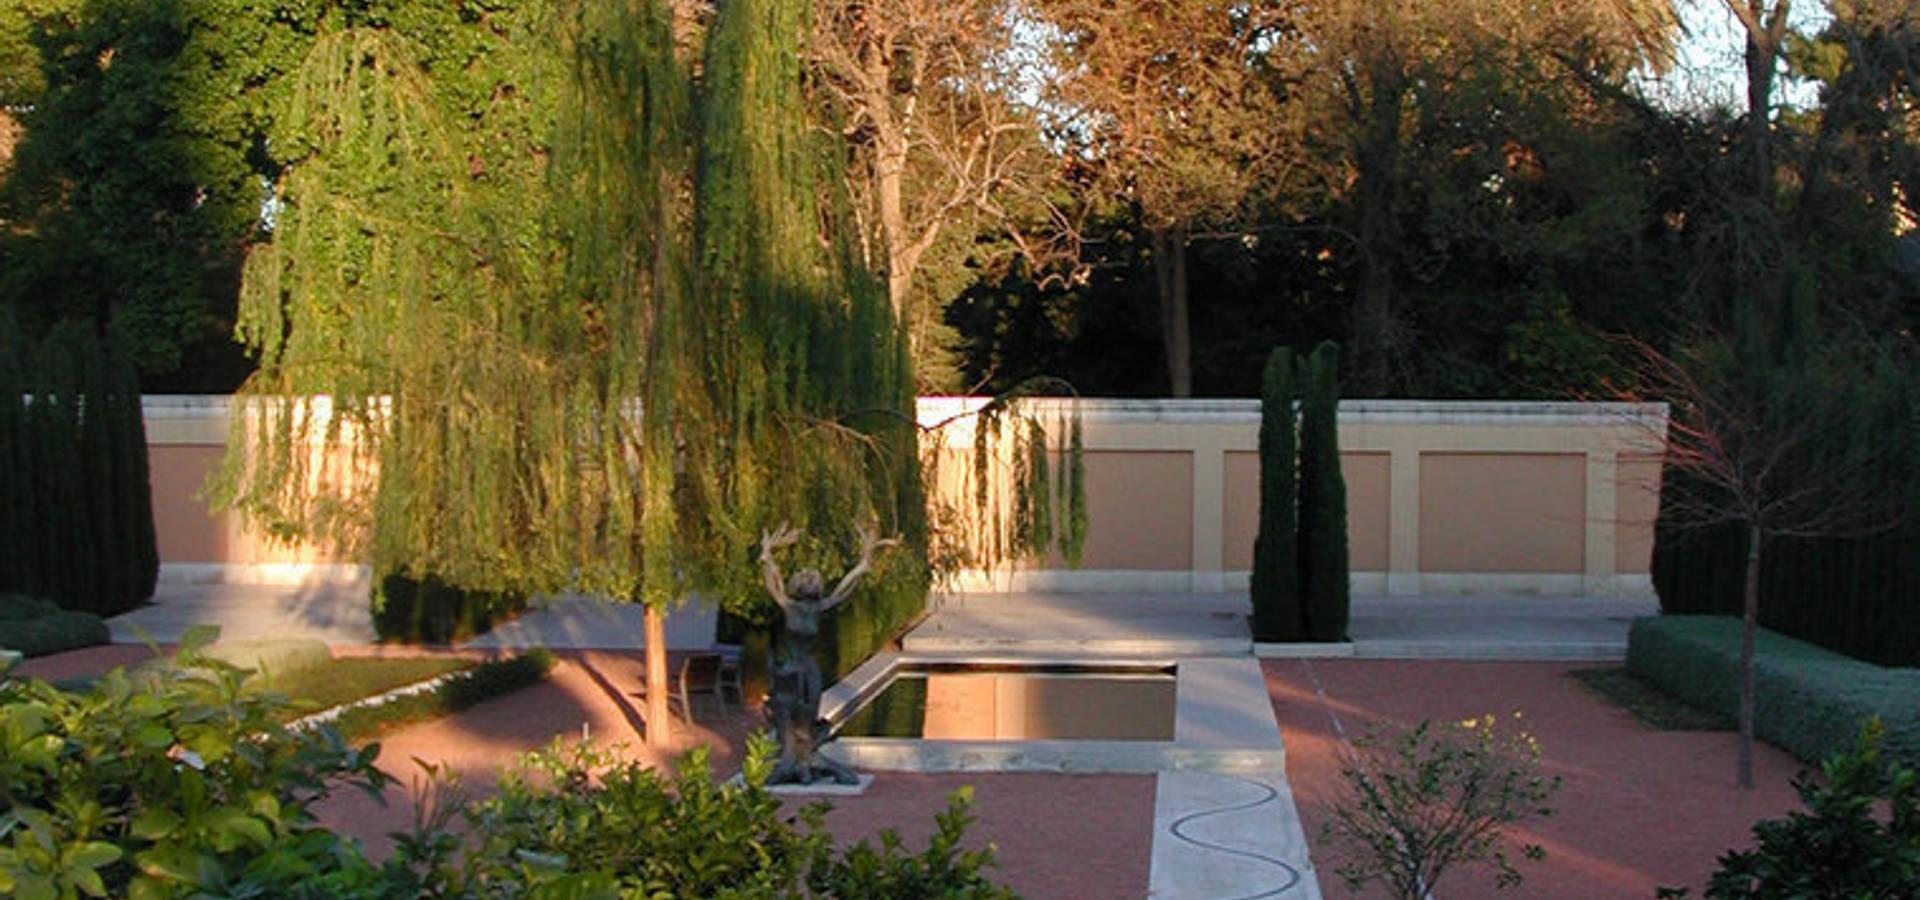 VAM10 arquitectura y paisaje